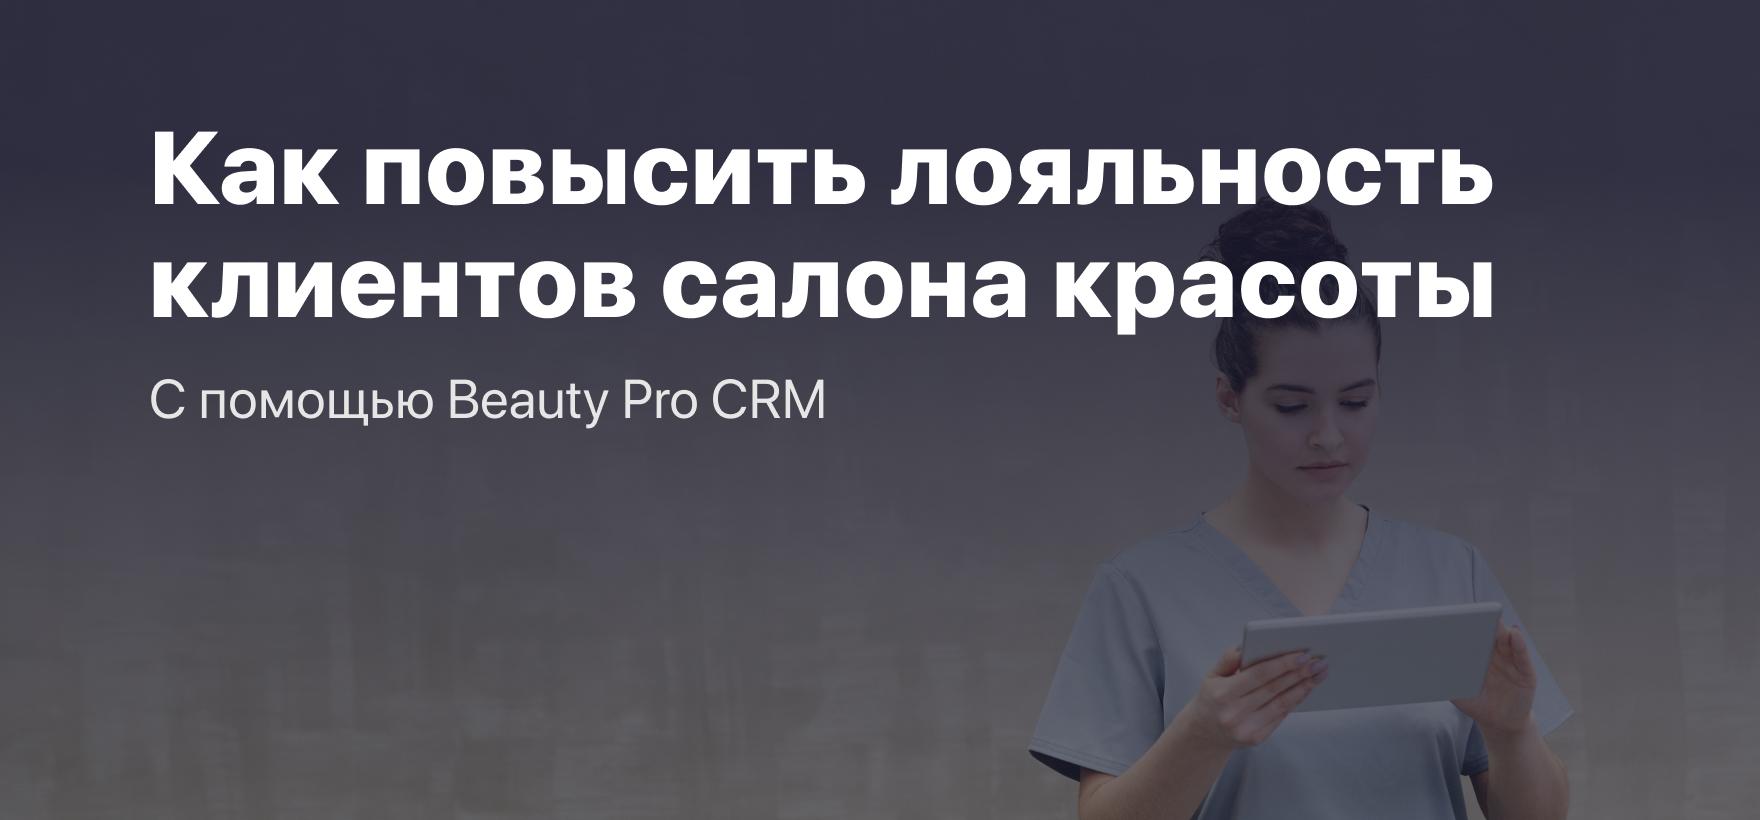 Как повысить лояльность клиентов салона красоты с помощью Beauty Pro CRM?